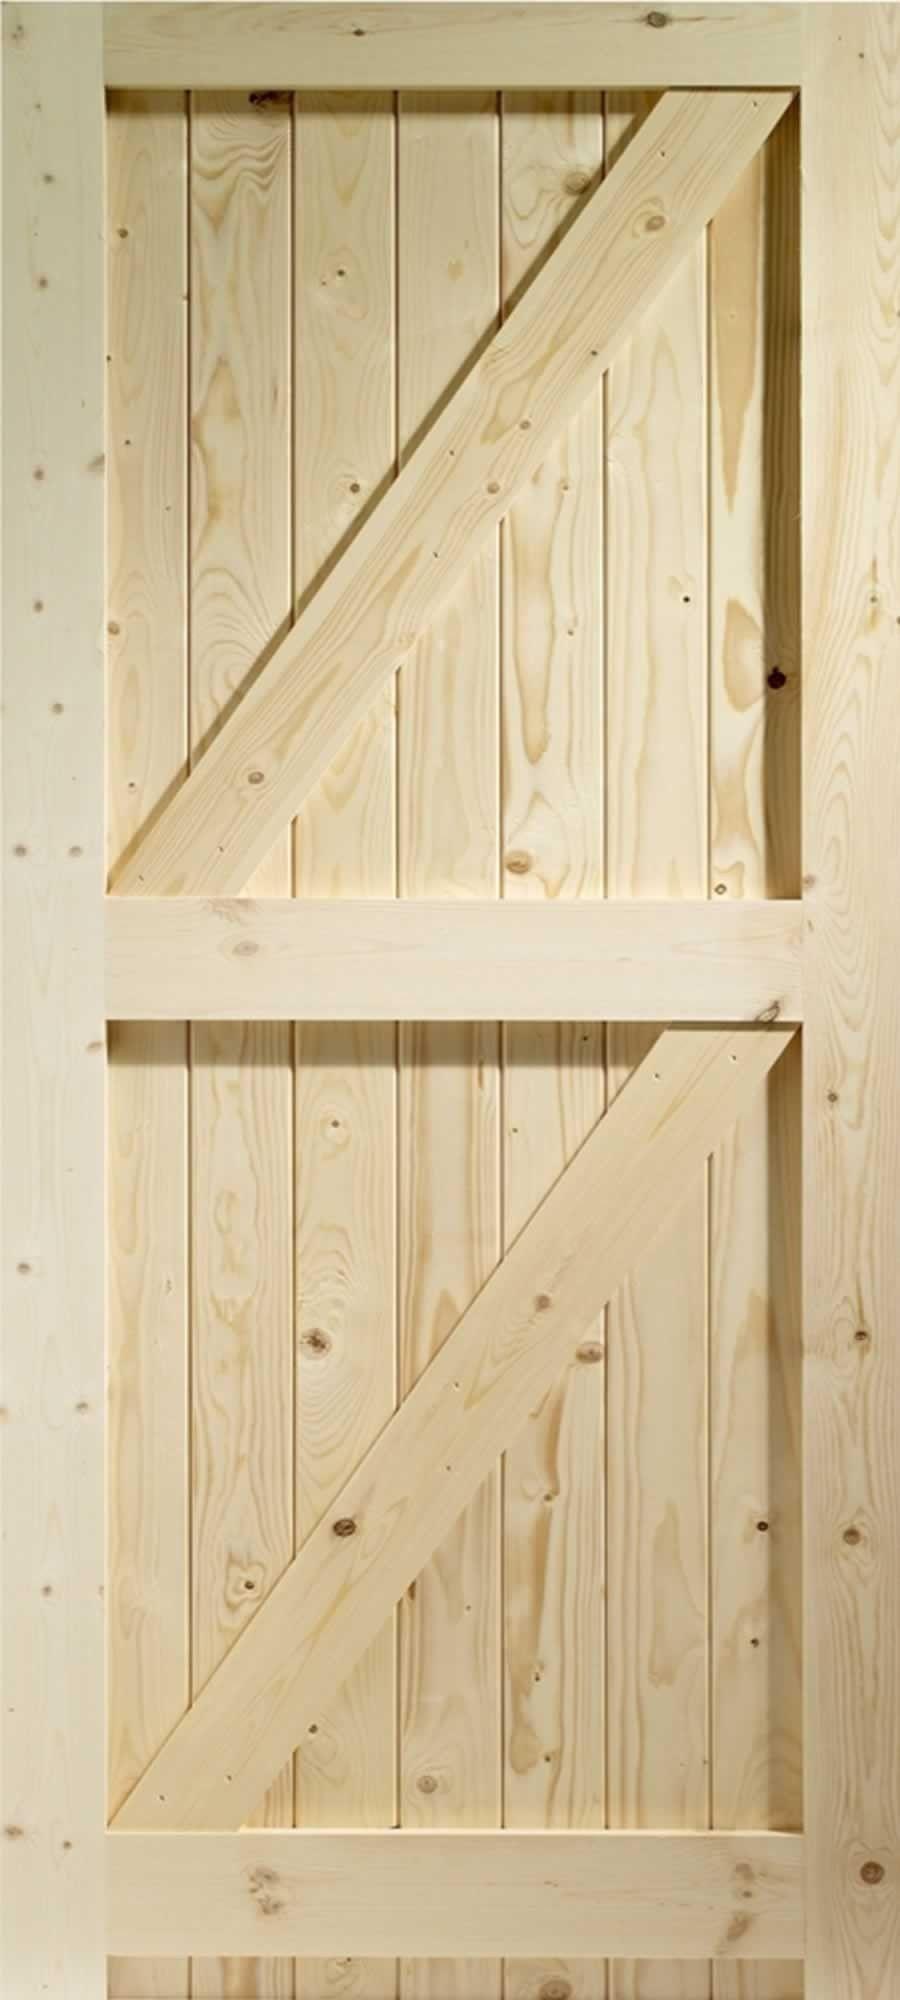 Framed Ledged Braced Gate Flb Shed Doors External Doors